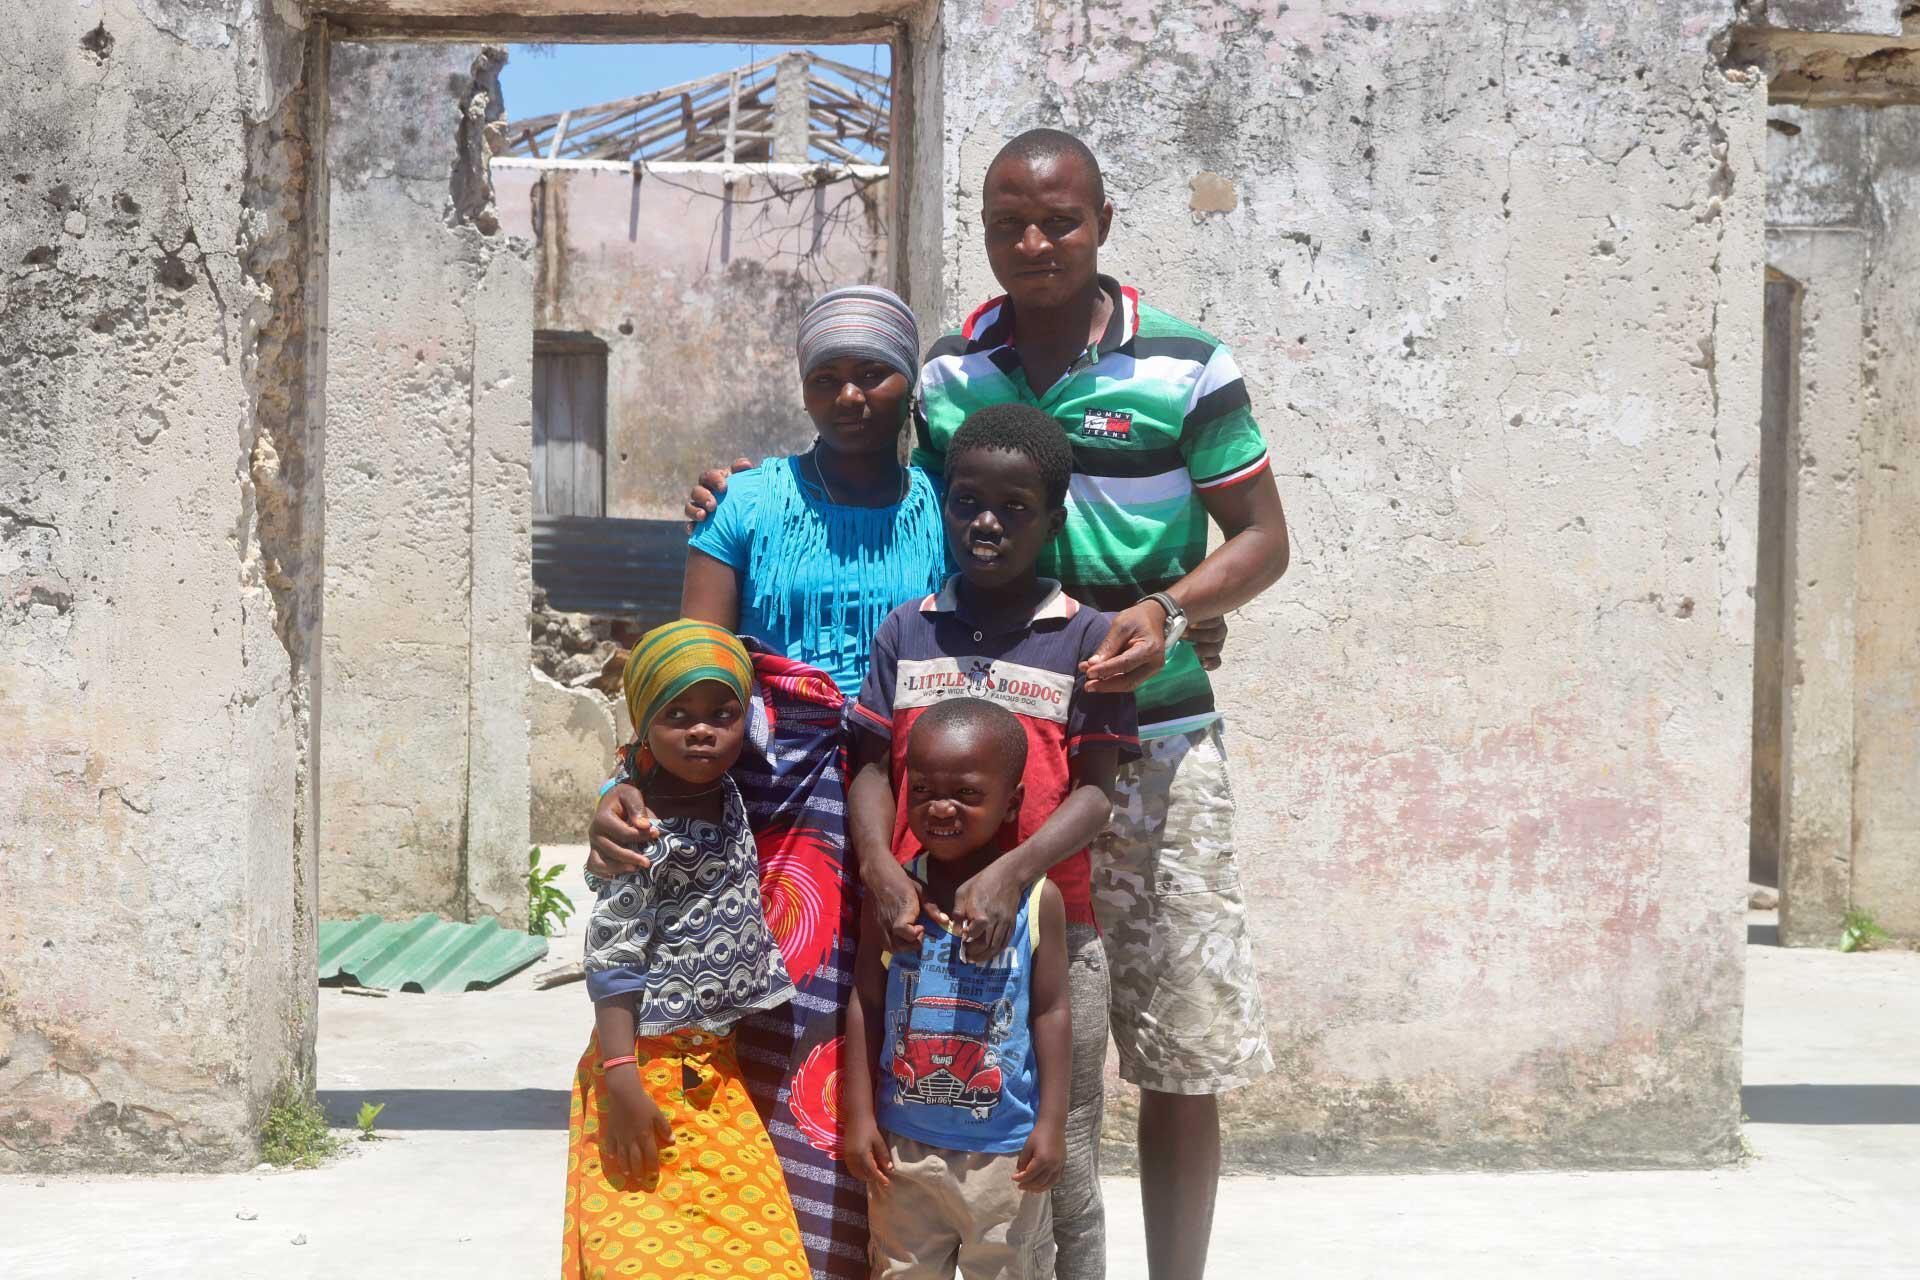 Bild zu Ussene und seine Familie in Mosambik